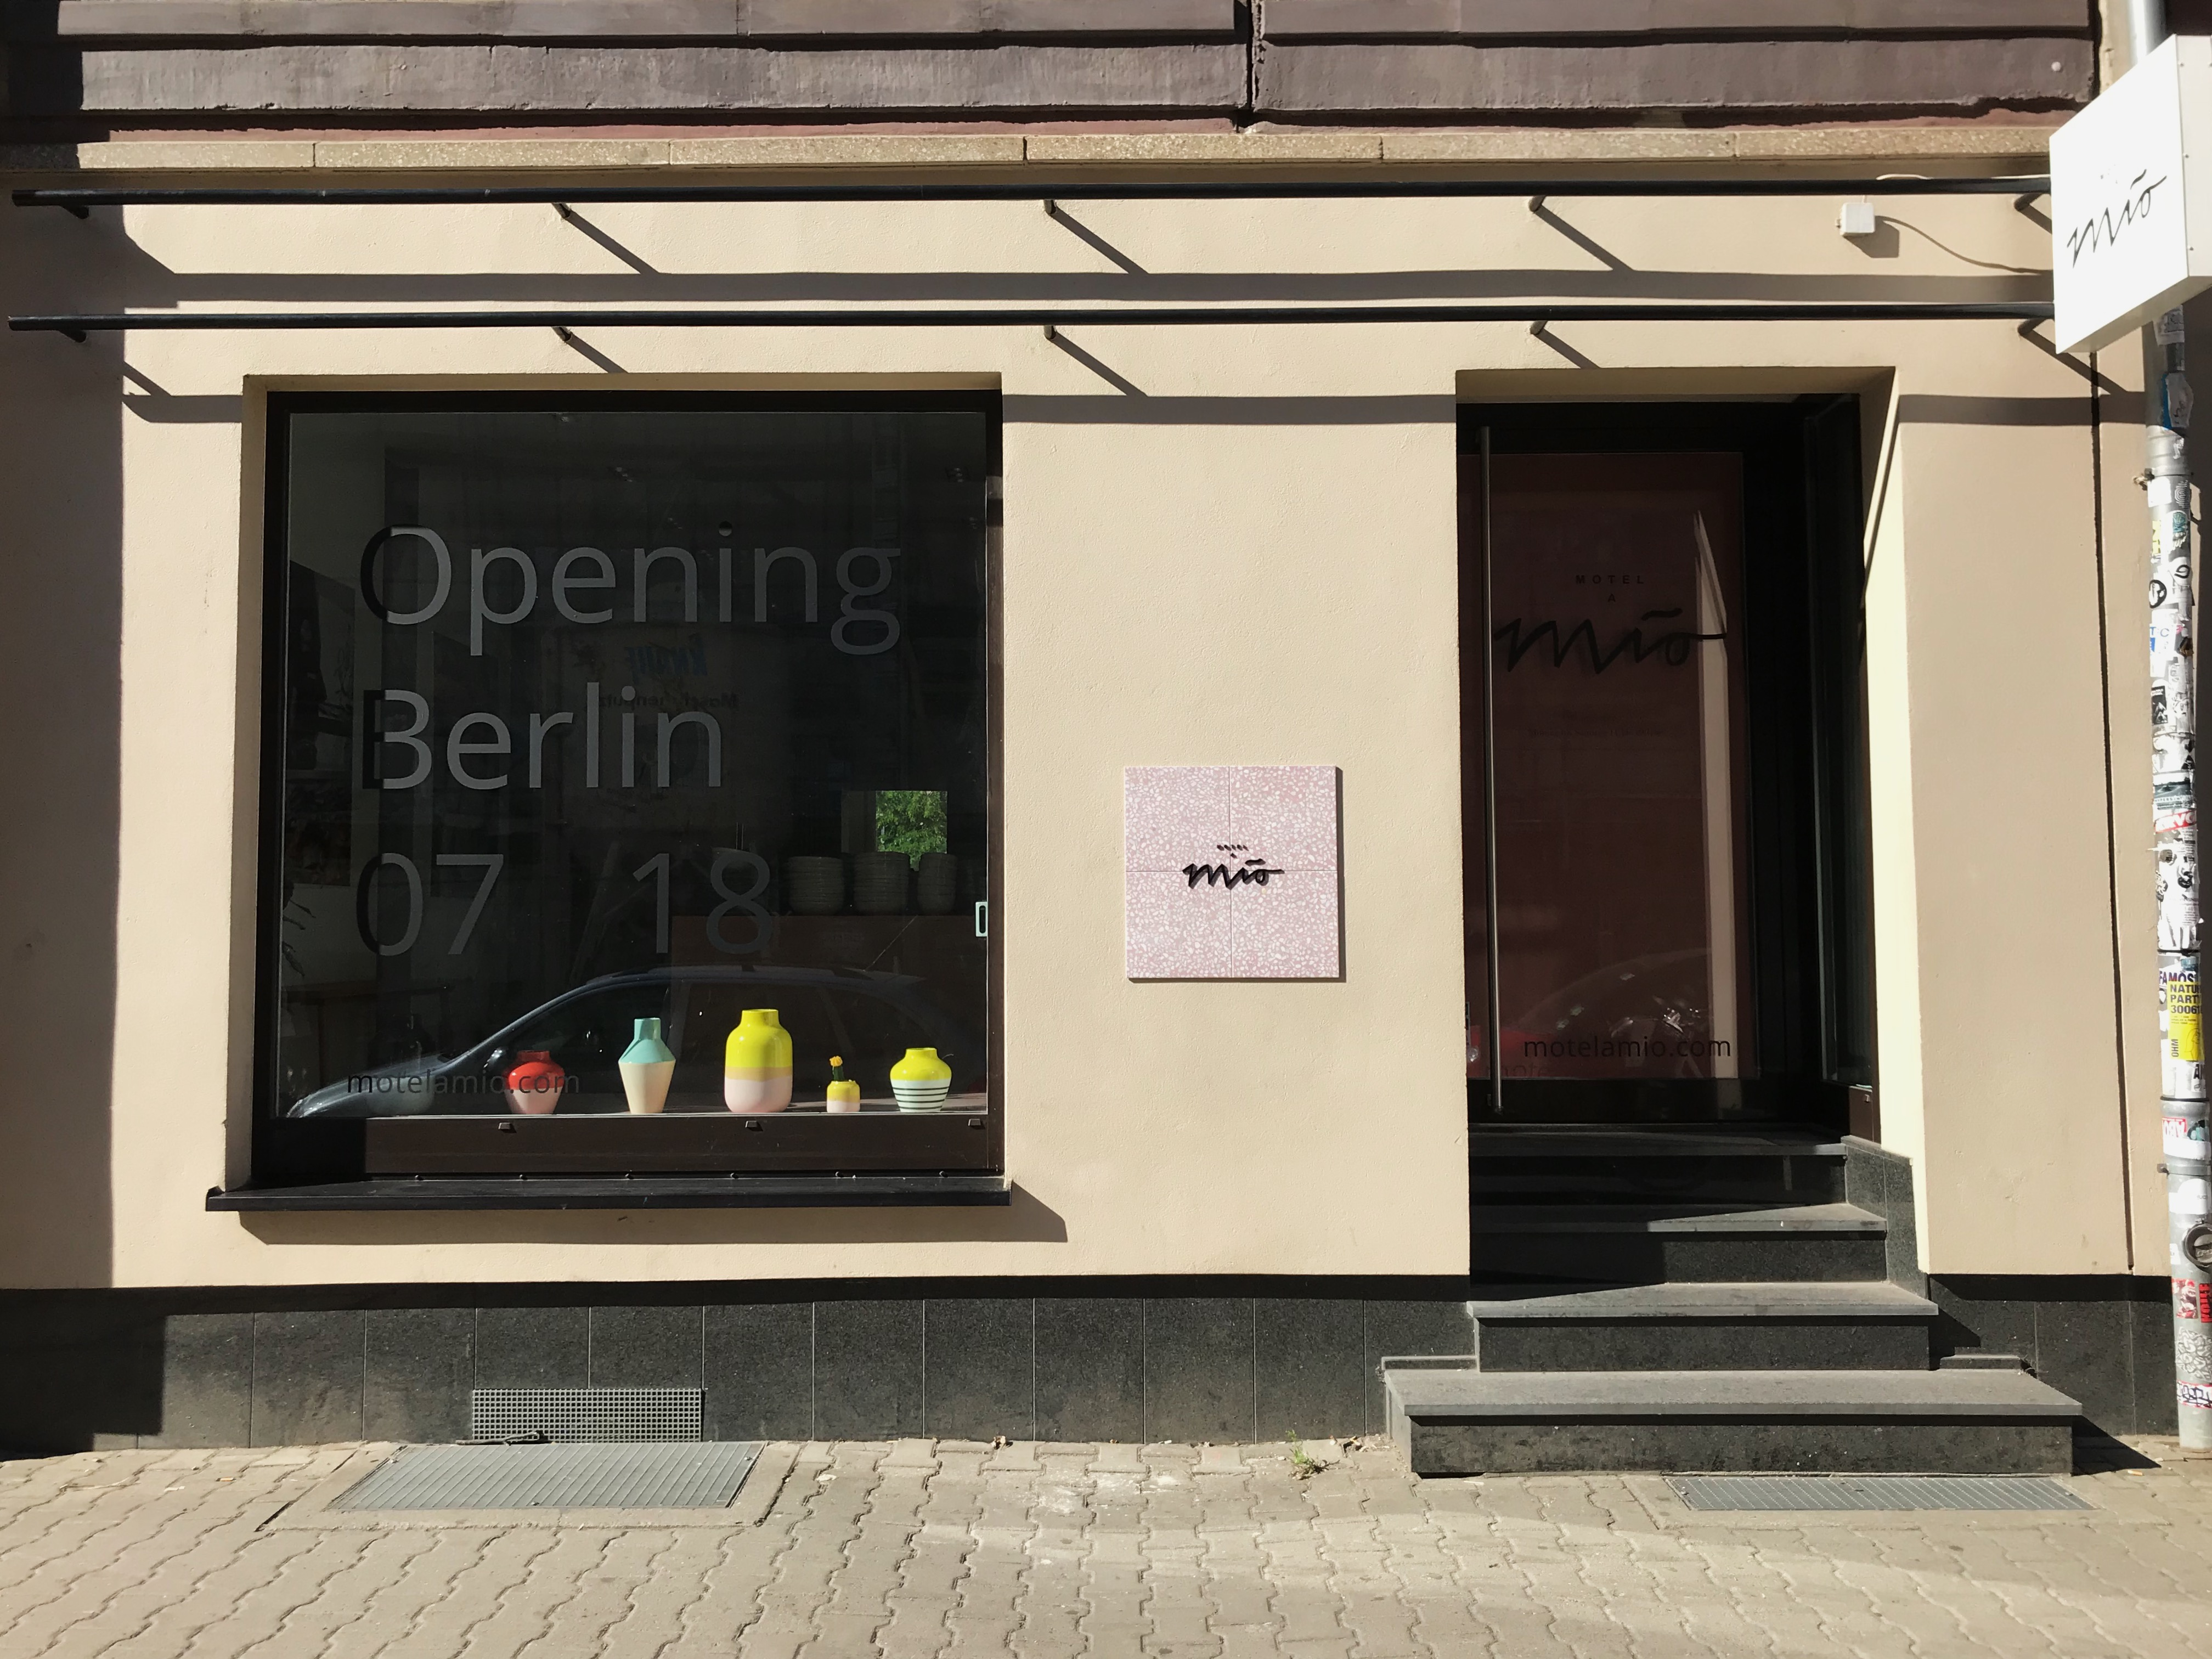 das keramiklabel motel a mio er ffnet endlich einen store in berlin mit vergn gen berlin. Black Bedroom Furniture Sets. Home Design Ideas